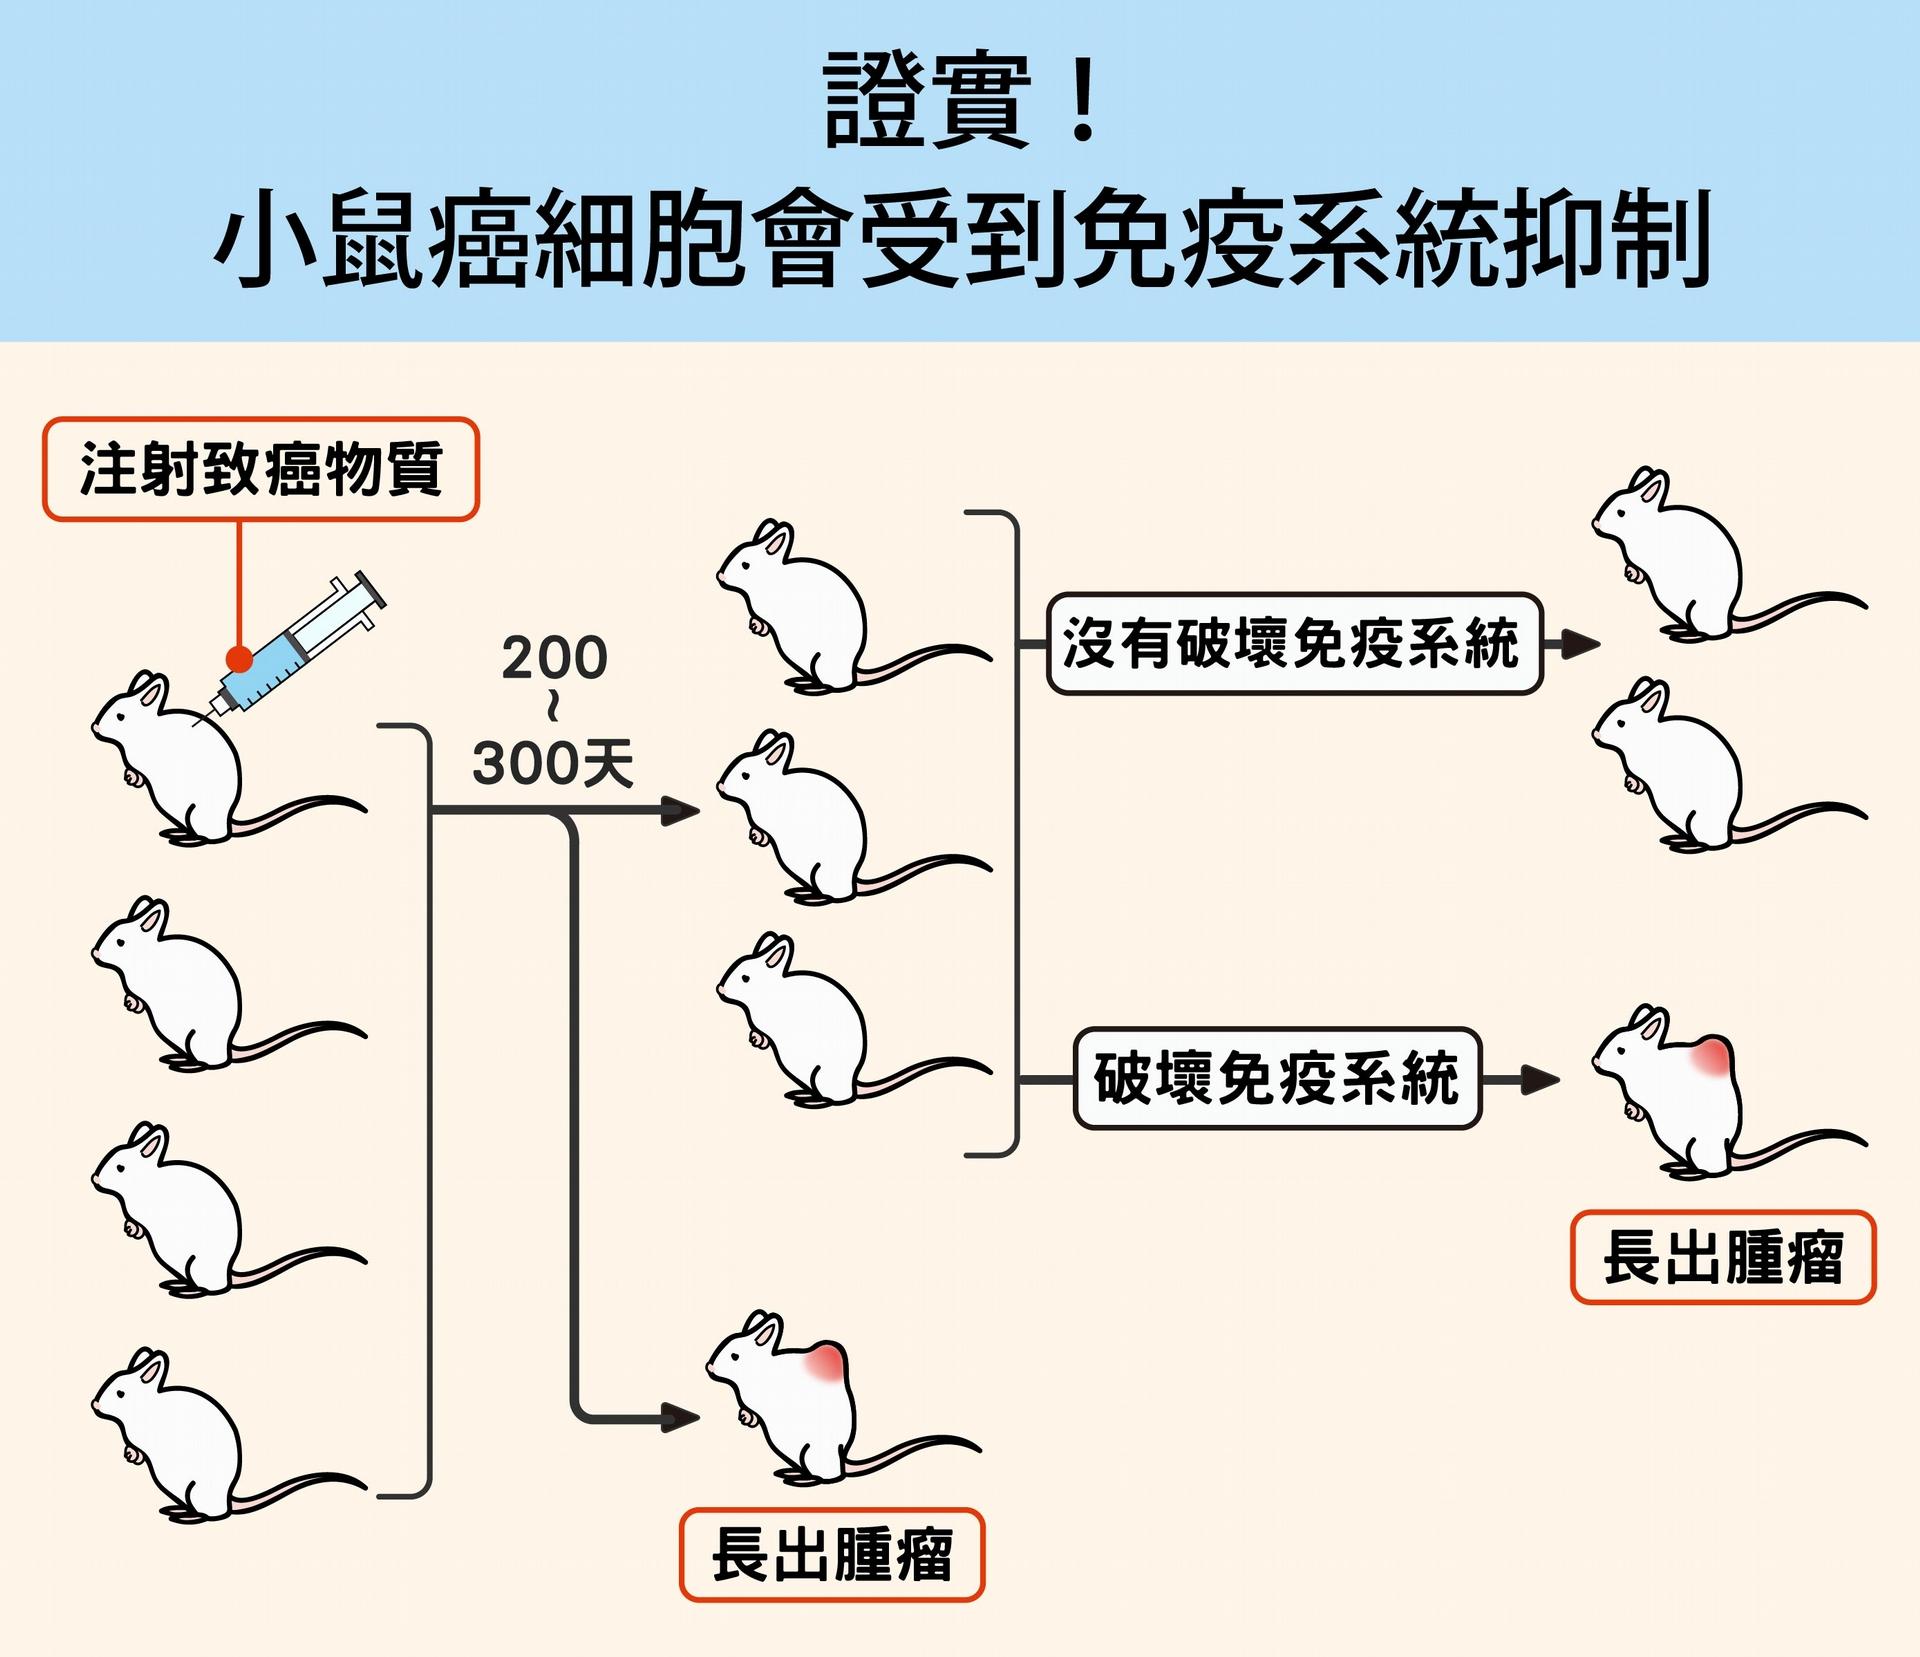 研究人員先對一群健康小鼠注射致癌物質,經過半年多,發現只有少數小鼠罹癌,大部分仍然很健康。接著,研究人員破壞小鼠的細胞性免疫系統,尤其是 T 細胞免疫,結果約一半的小鼠長出了腫瘤。結果證實:接觸致癌物的小鼠體內確實出現癌細胞,只是被免疫系統控制住了。 資料提供│陶秘華 圖說重製│林洵安